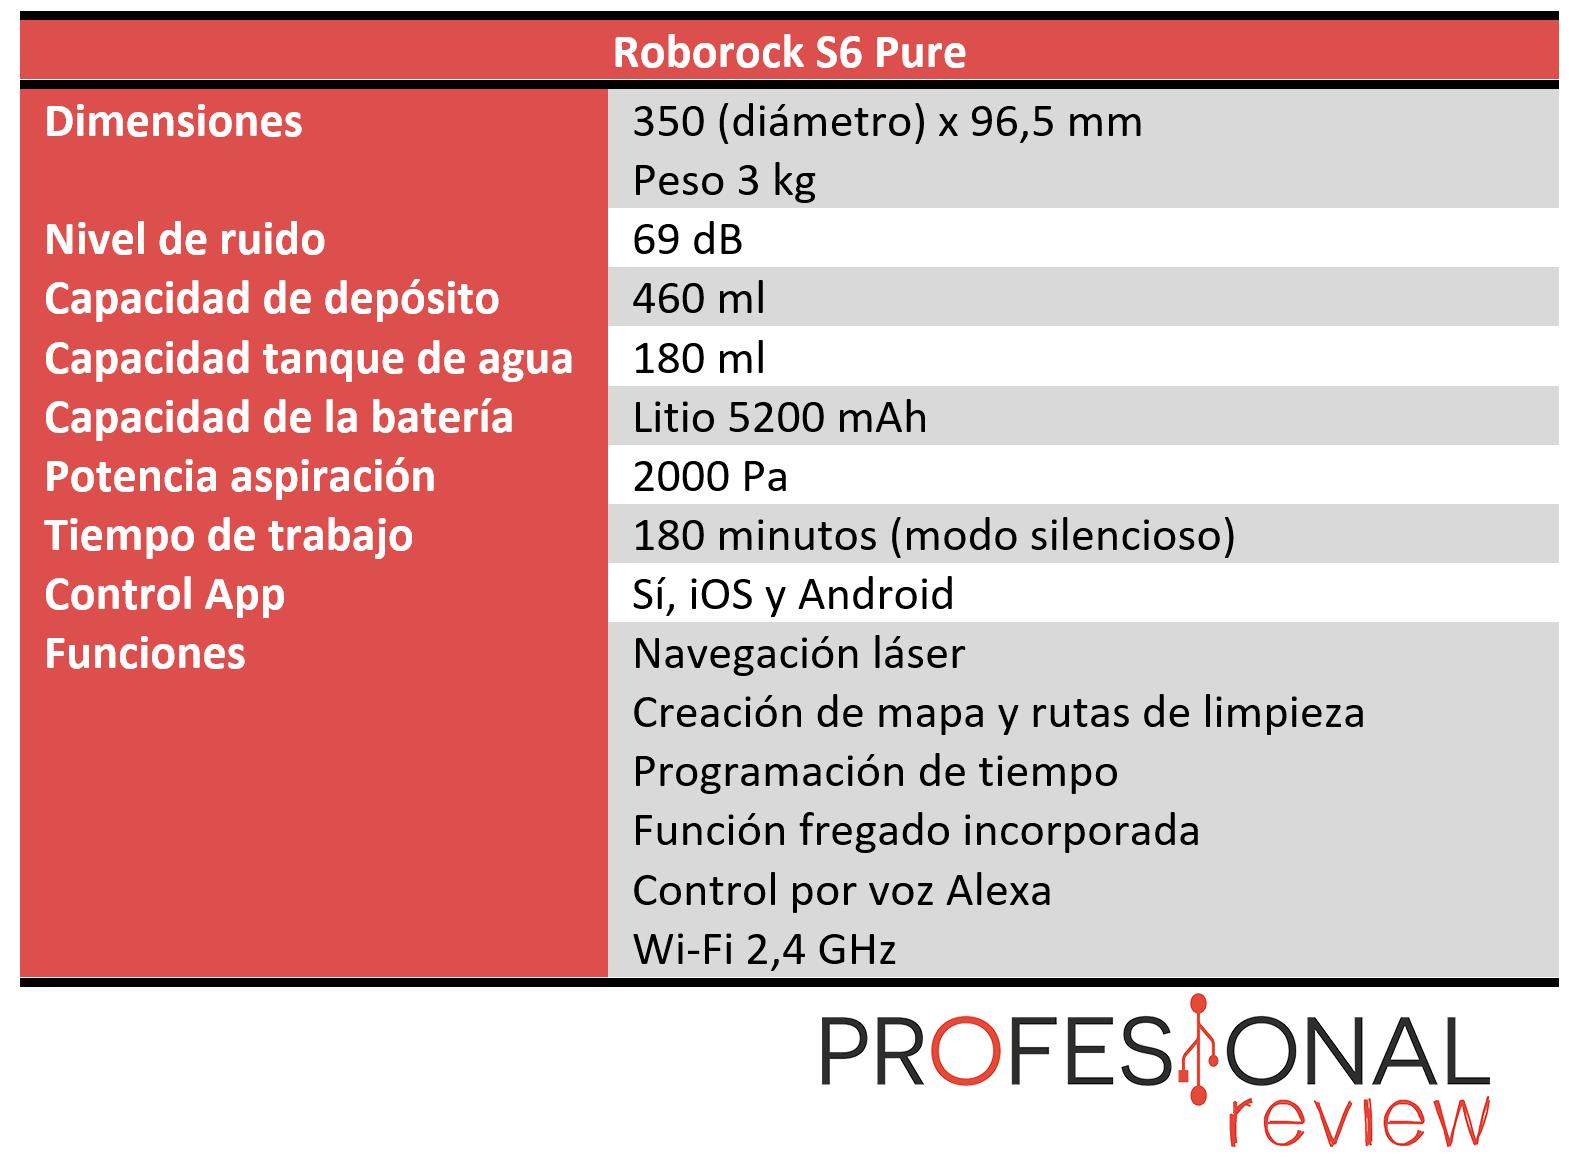 Roborock S6 Pure Características